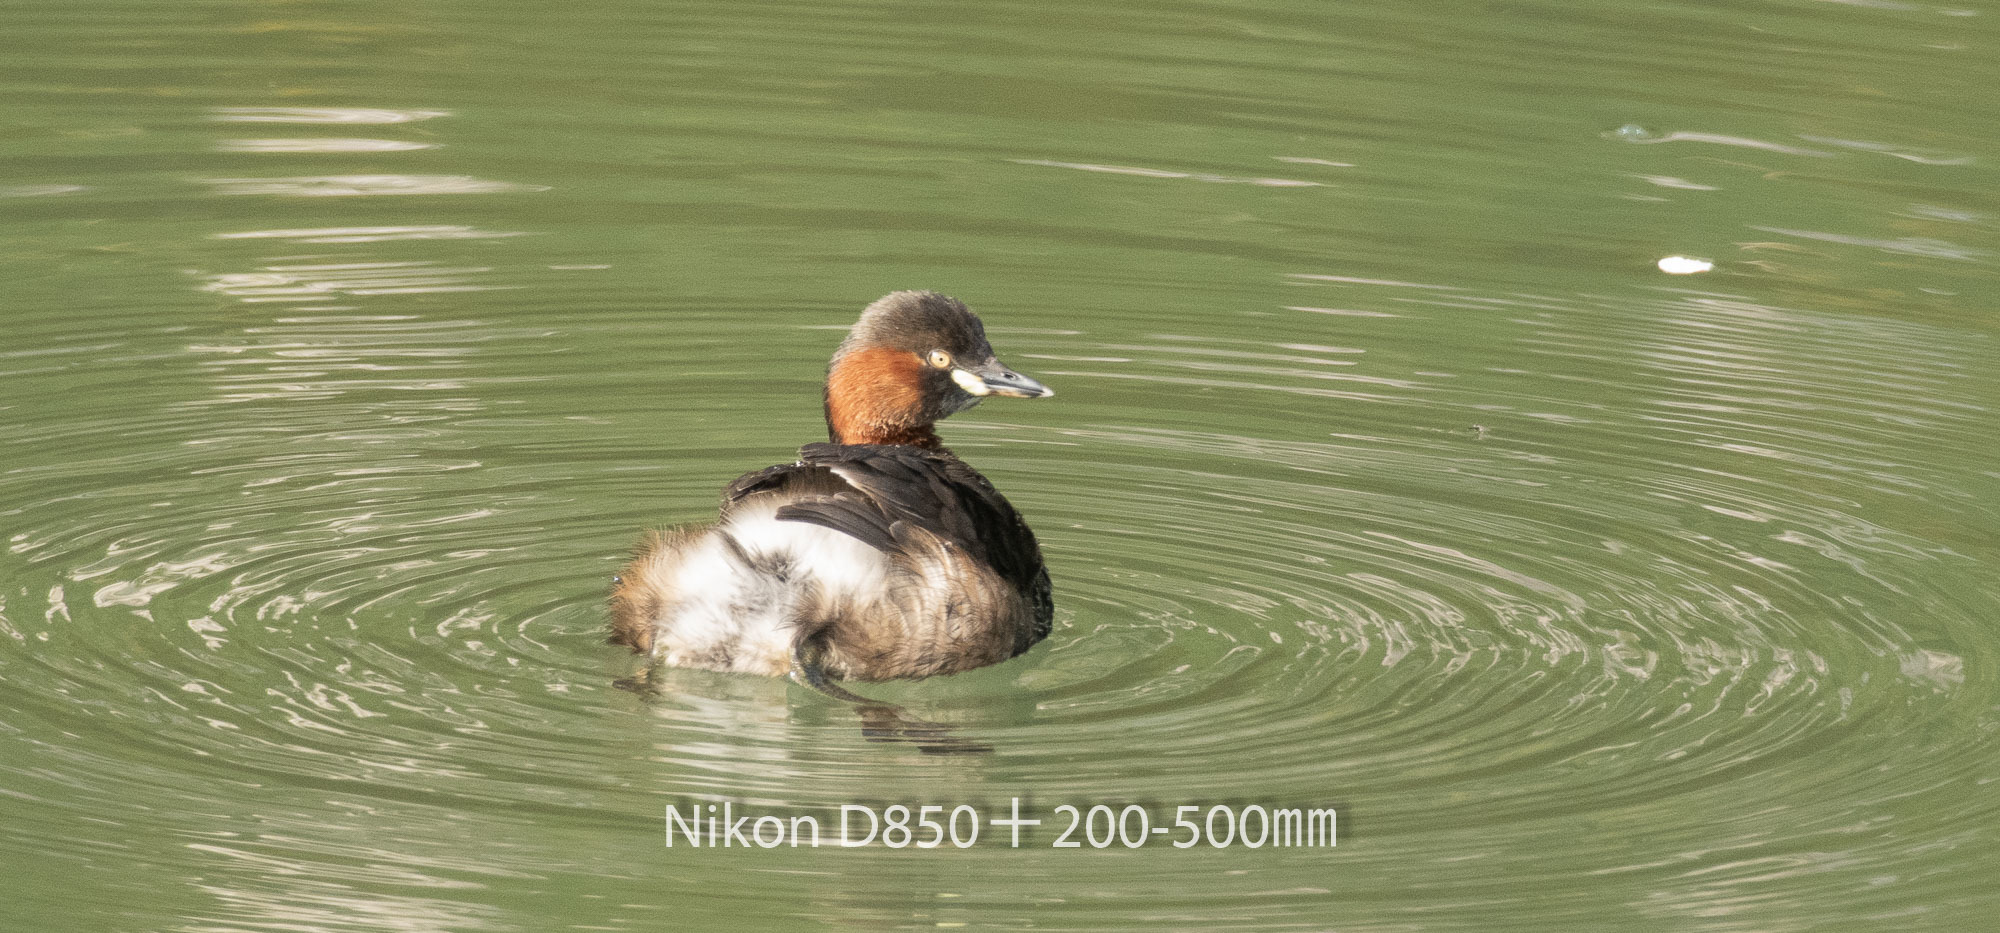 190402 カイツブリ-01 NIKON D850 ISO 1400 500 mm 3004 x 1402